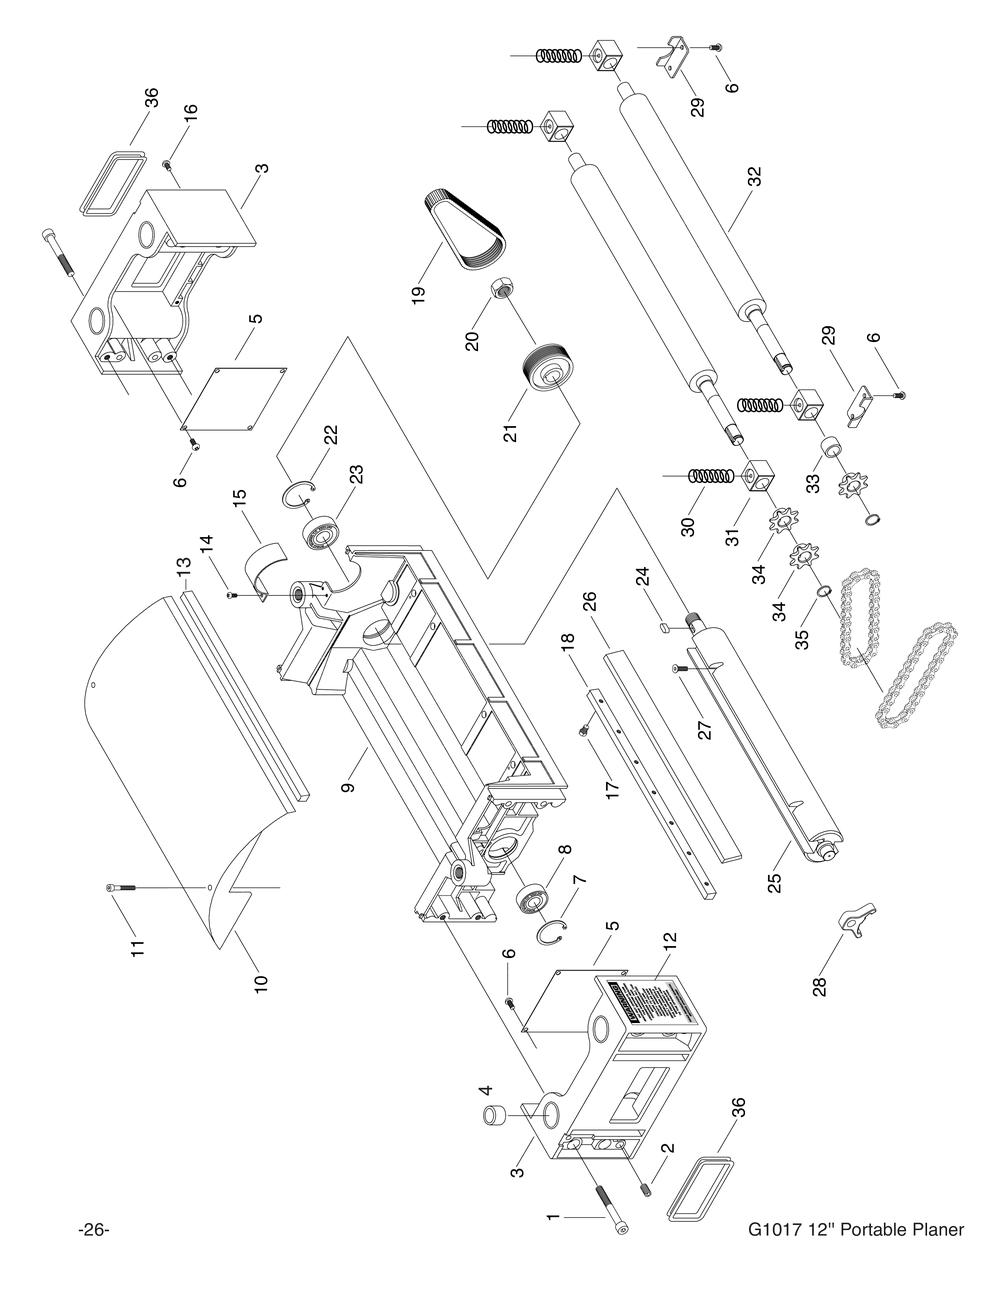 Bmw e60 fuse diagram html on 2005 bmw 530i radio wiring diagram